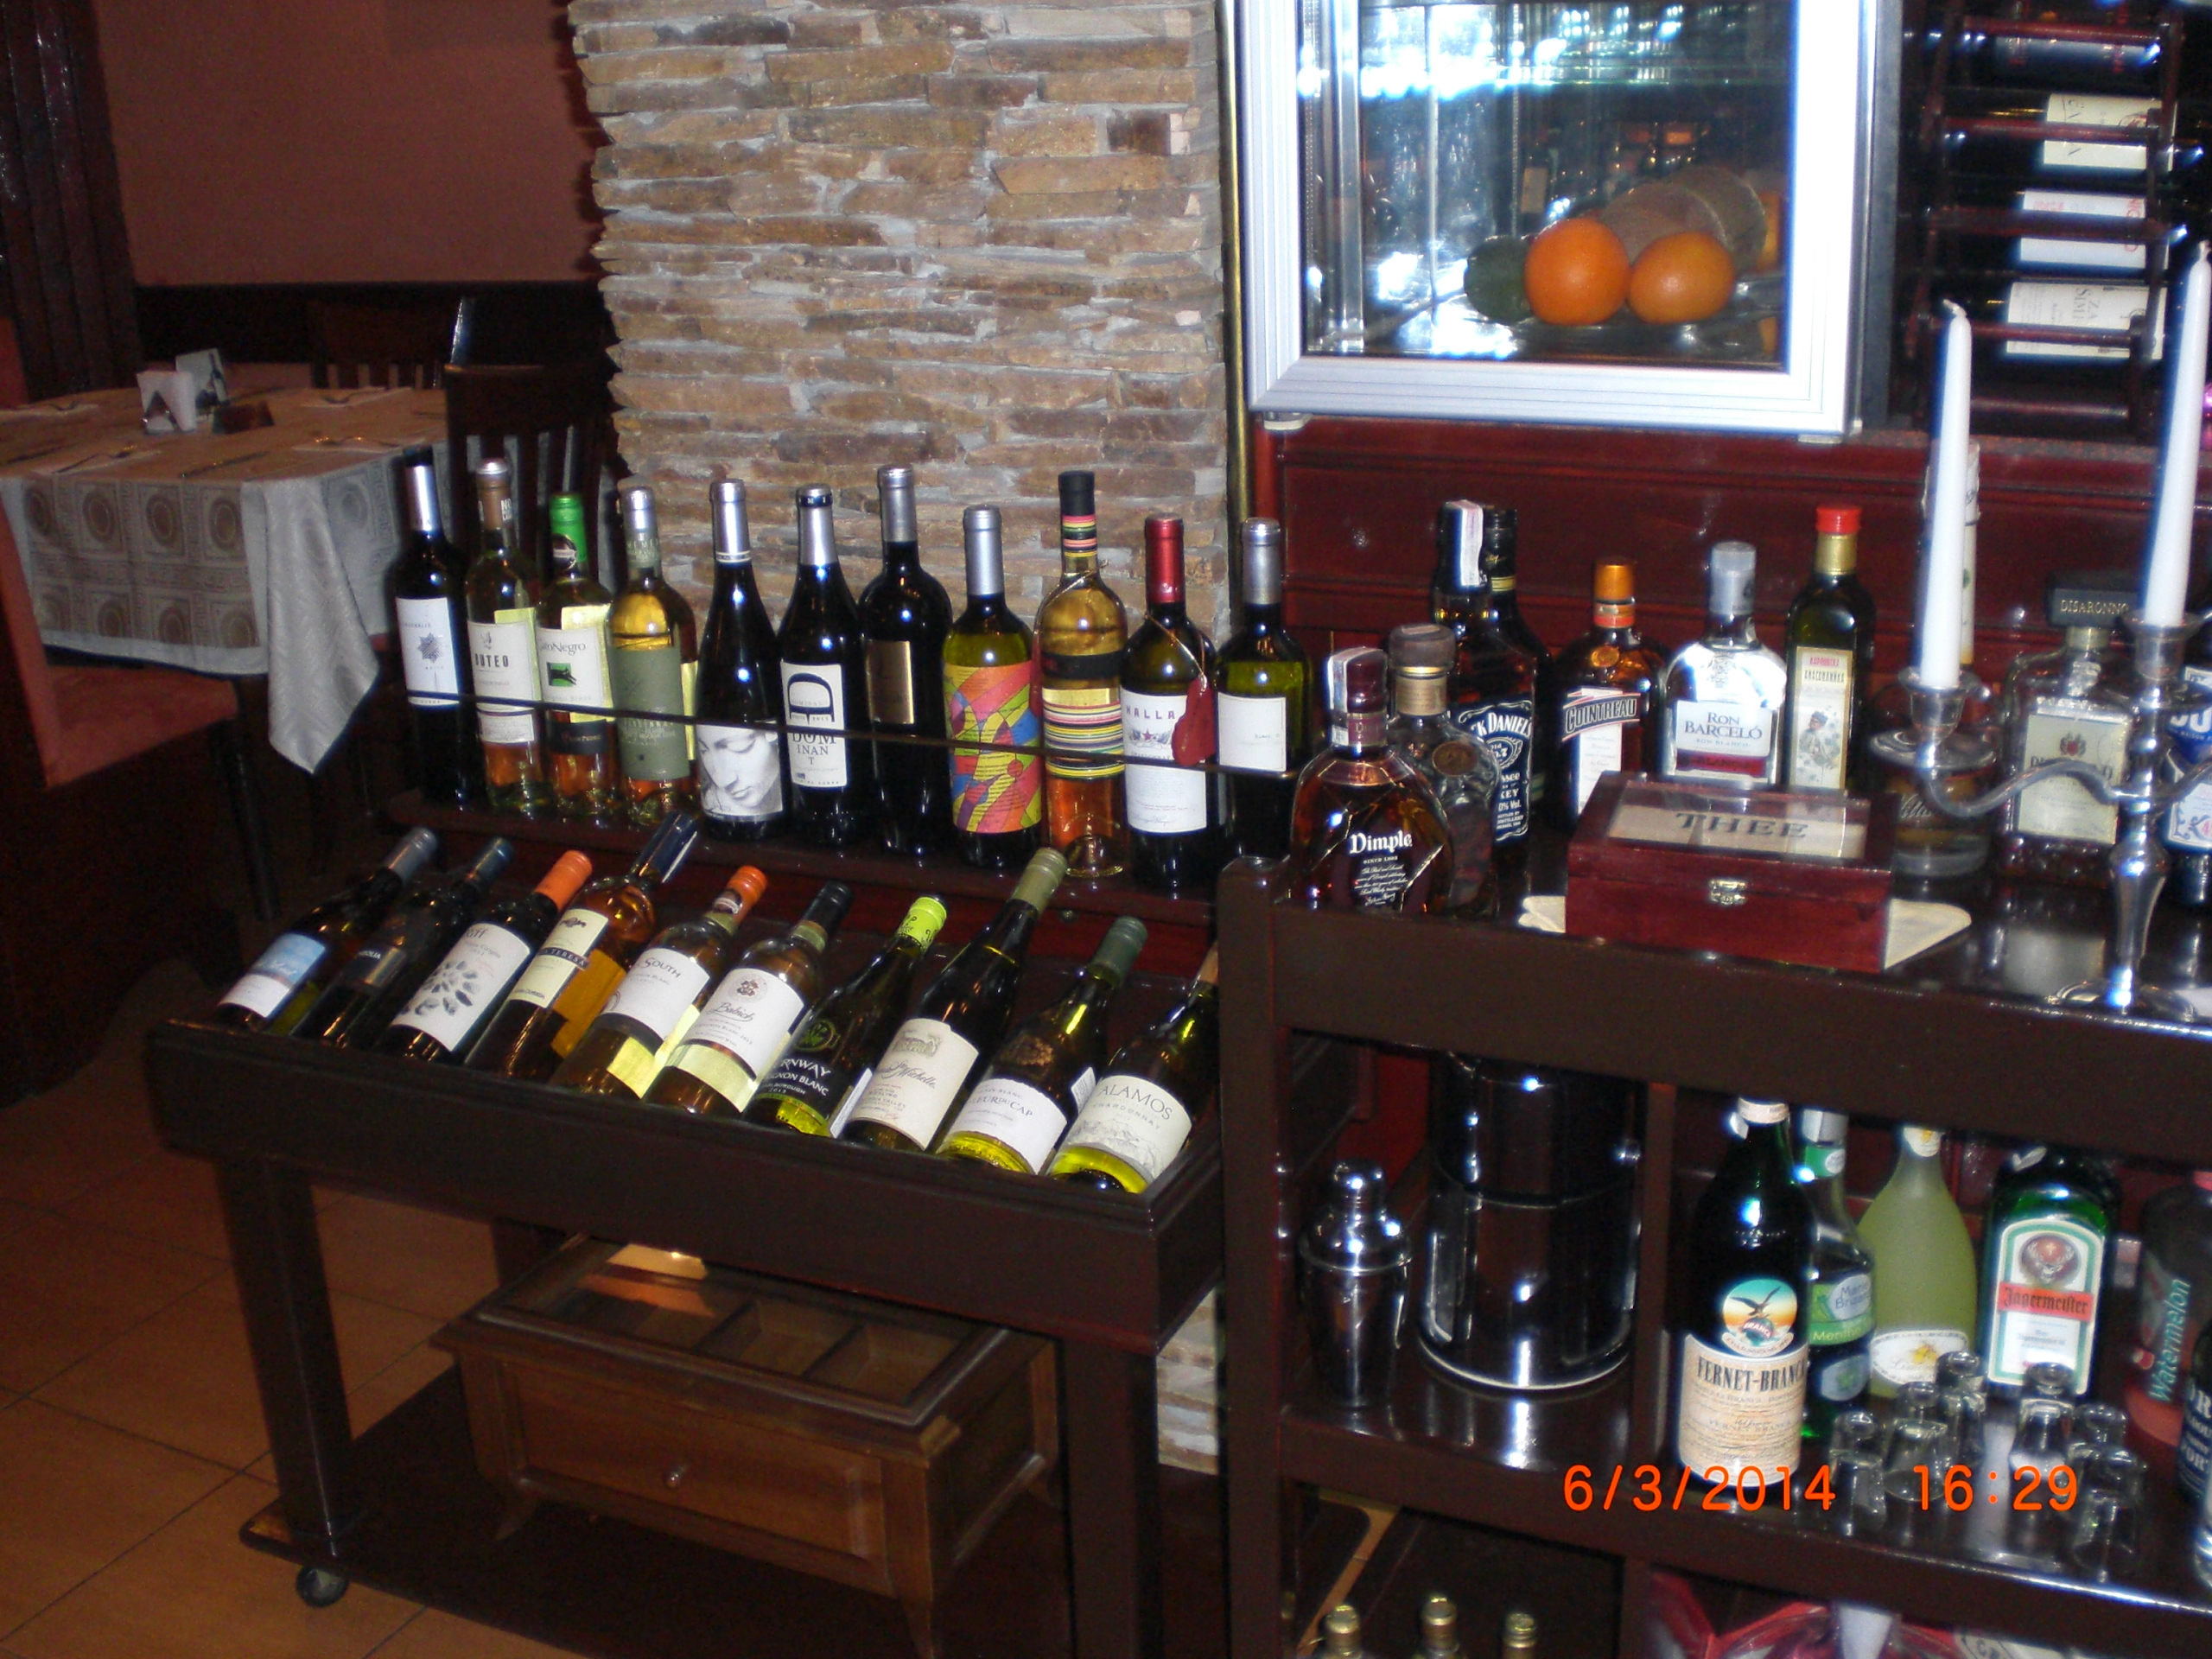 Attivita 39 commerciale in vendita a sofia bulgaria mq - Agenzia immobiliare sofia bulgaria ...